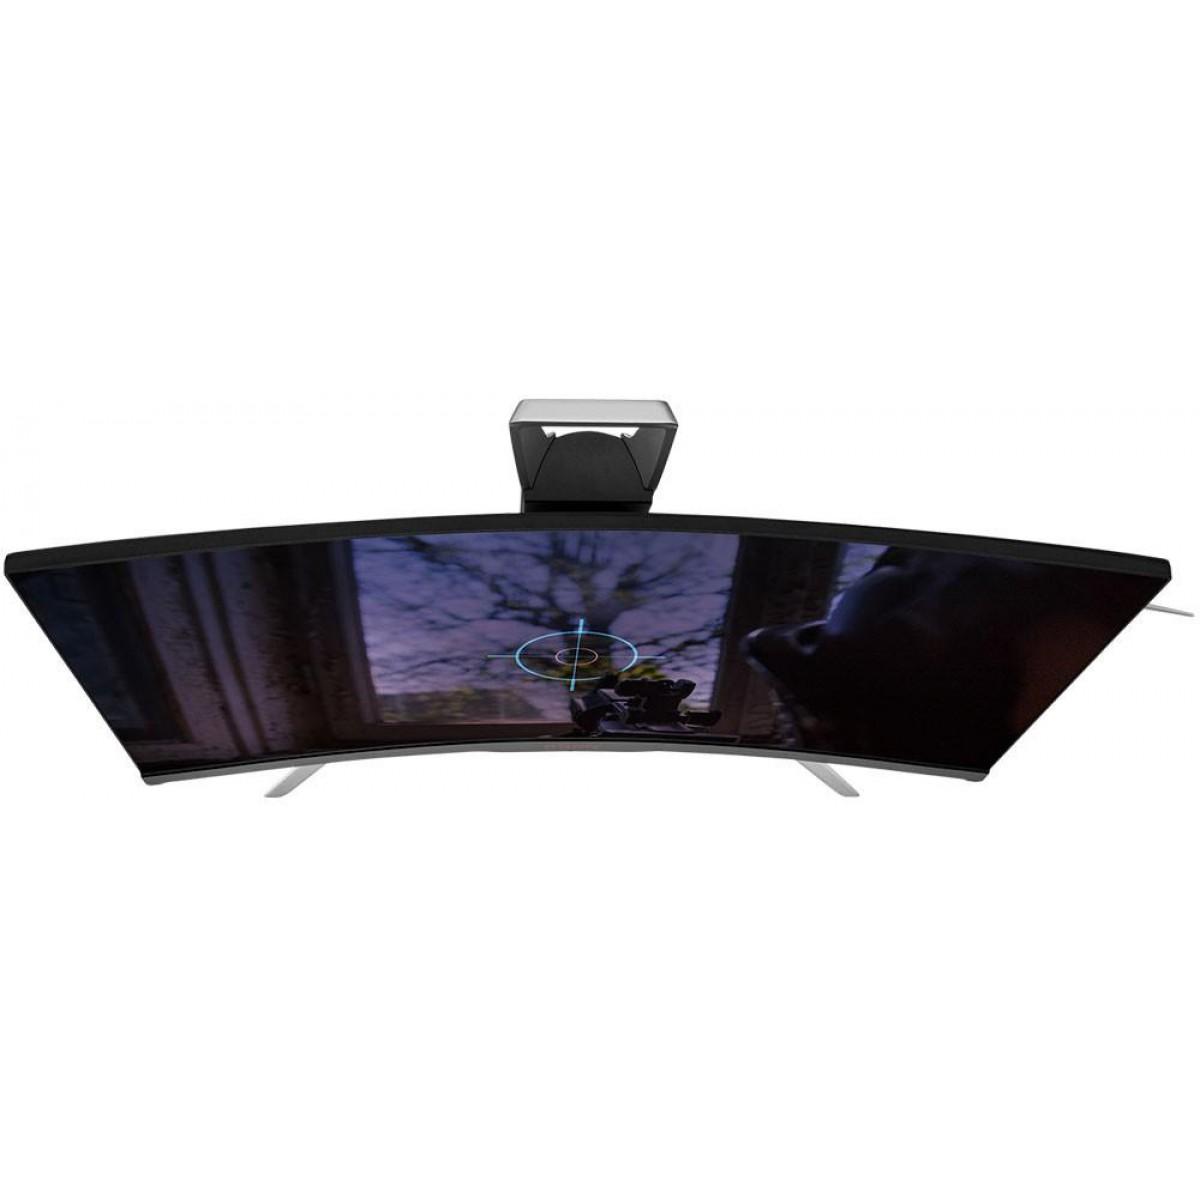 Monitor Gamer AOC Agon 27 Pol Curvo, Quad HD, 144Hz, AMD Freesync, AG272QCX